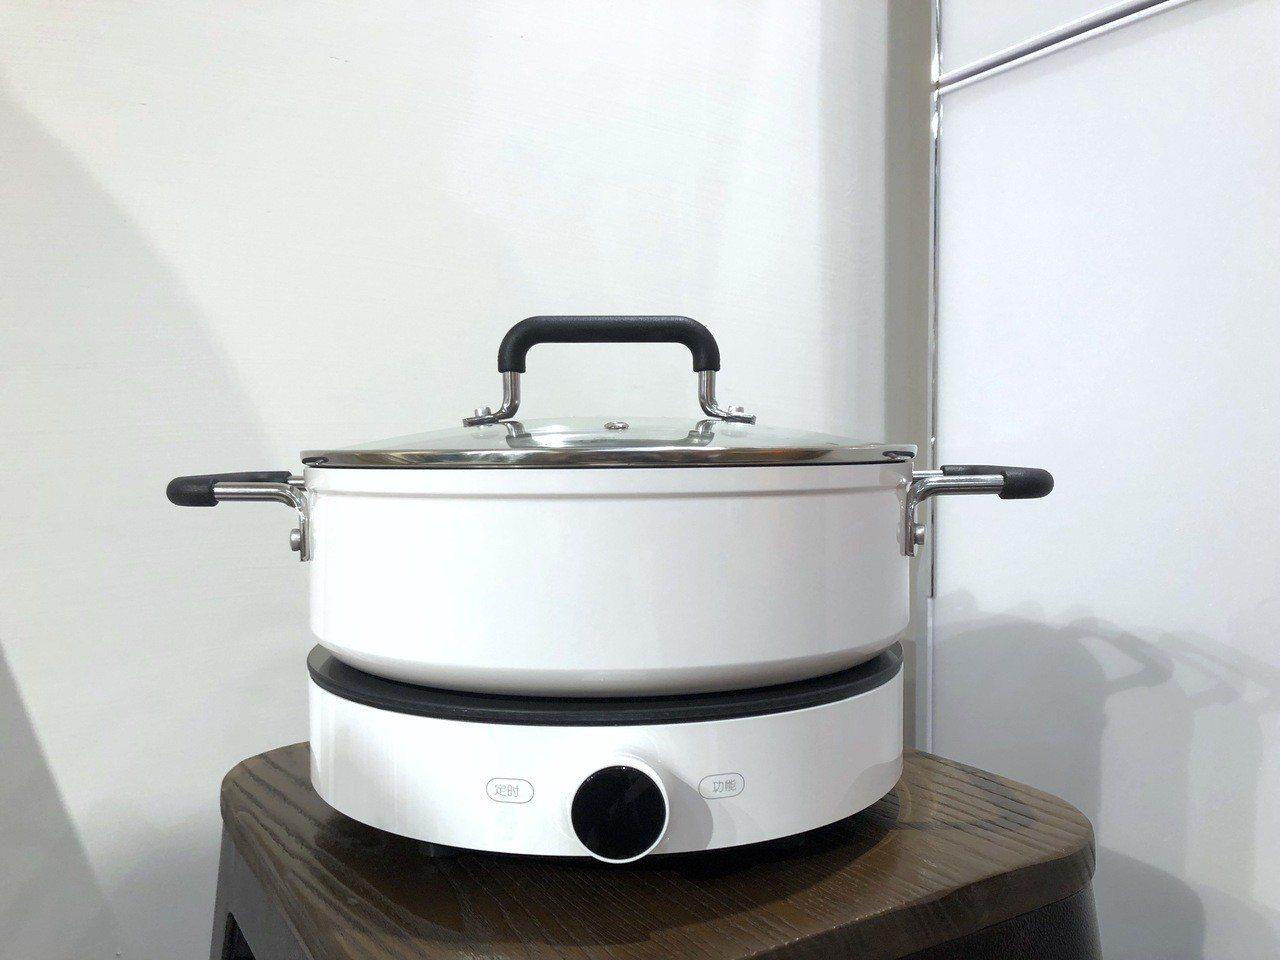 米家電磁爐與其搭配的鍋具亦將在今年度正式引進。記者黃筱晴/攝影